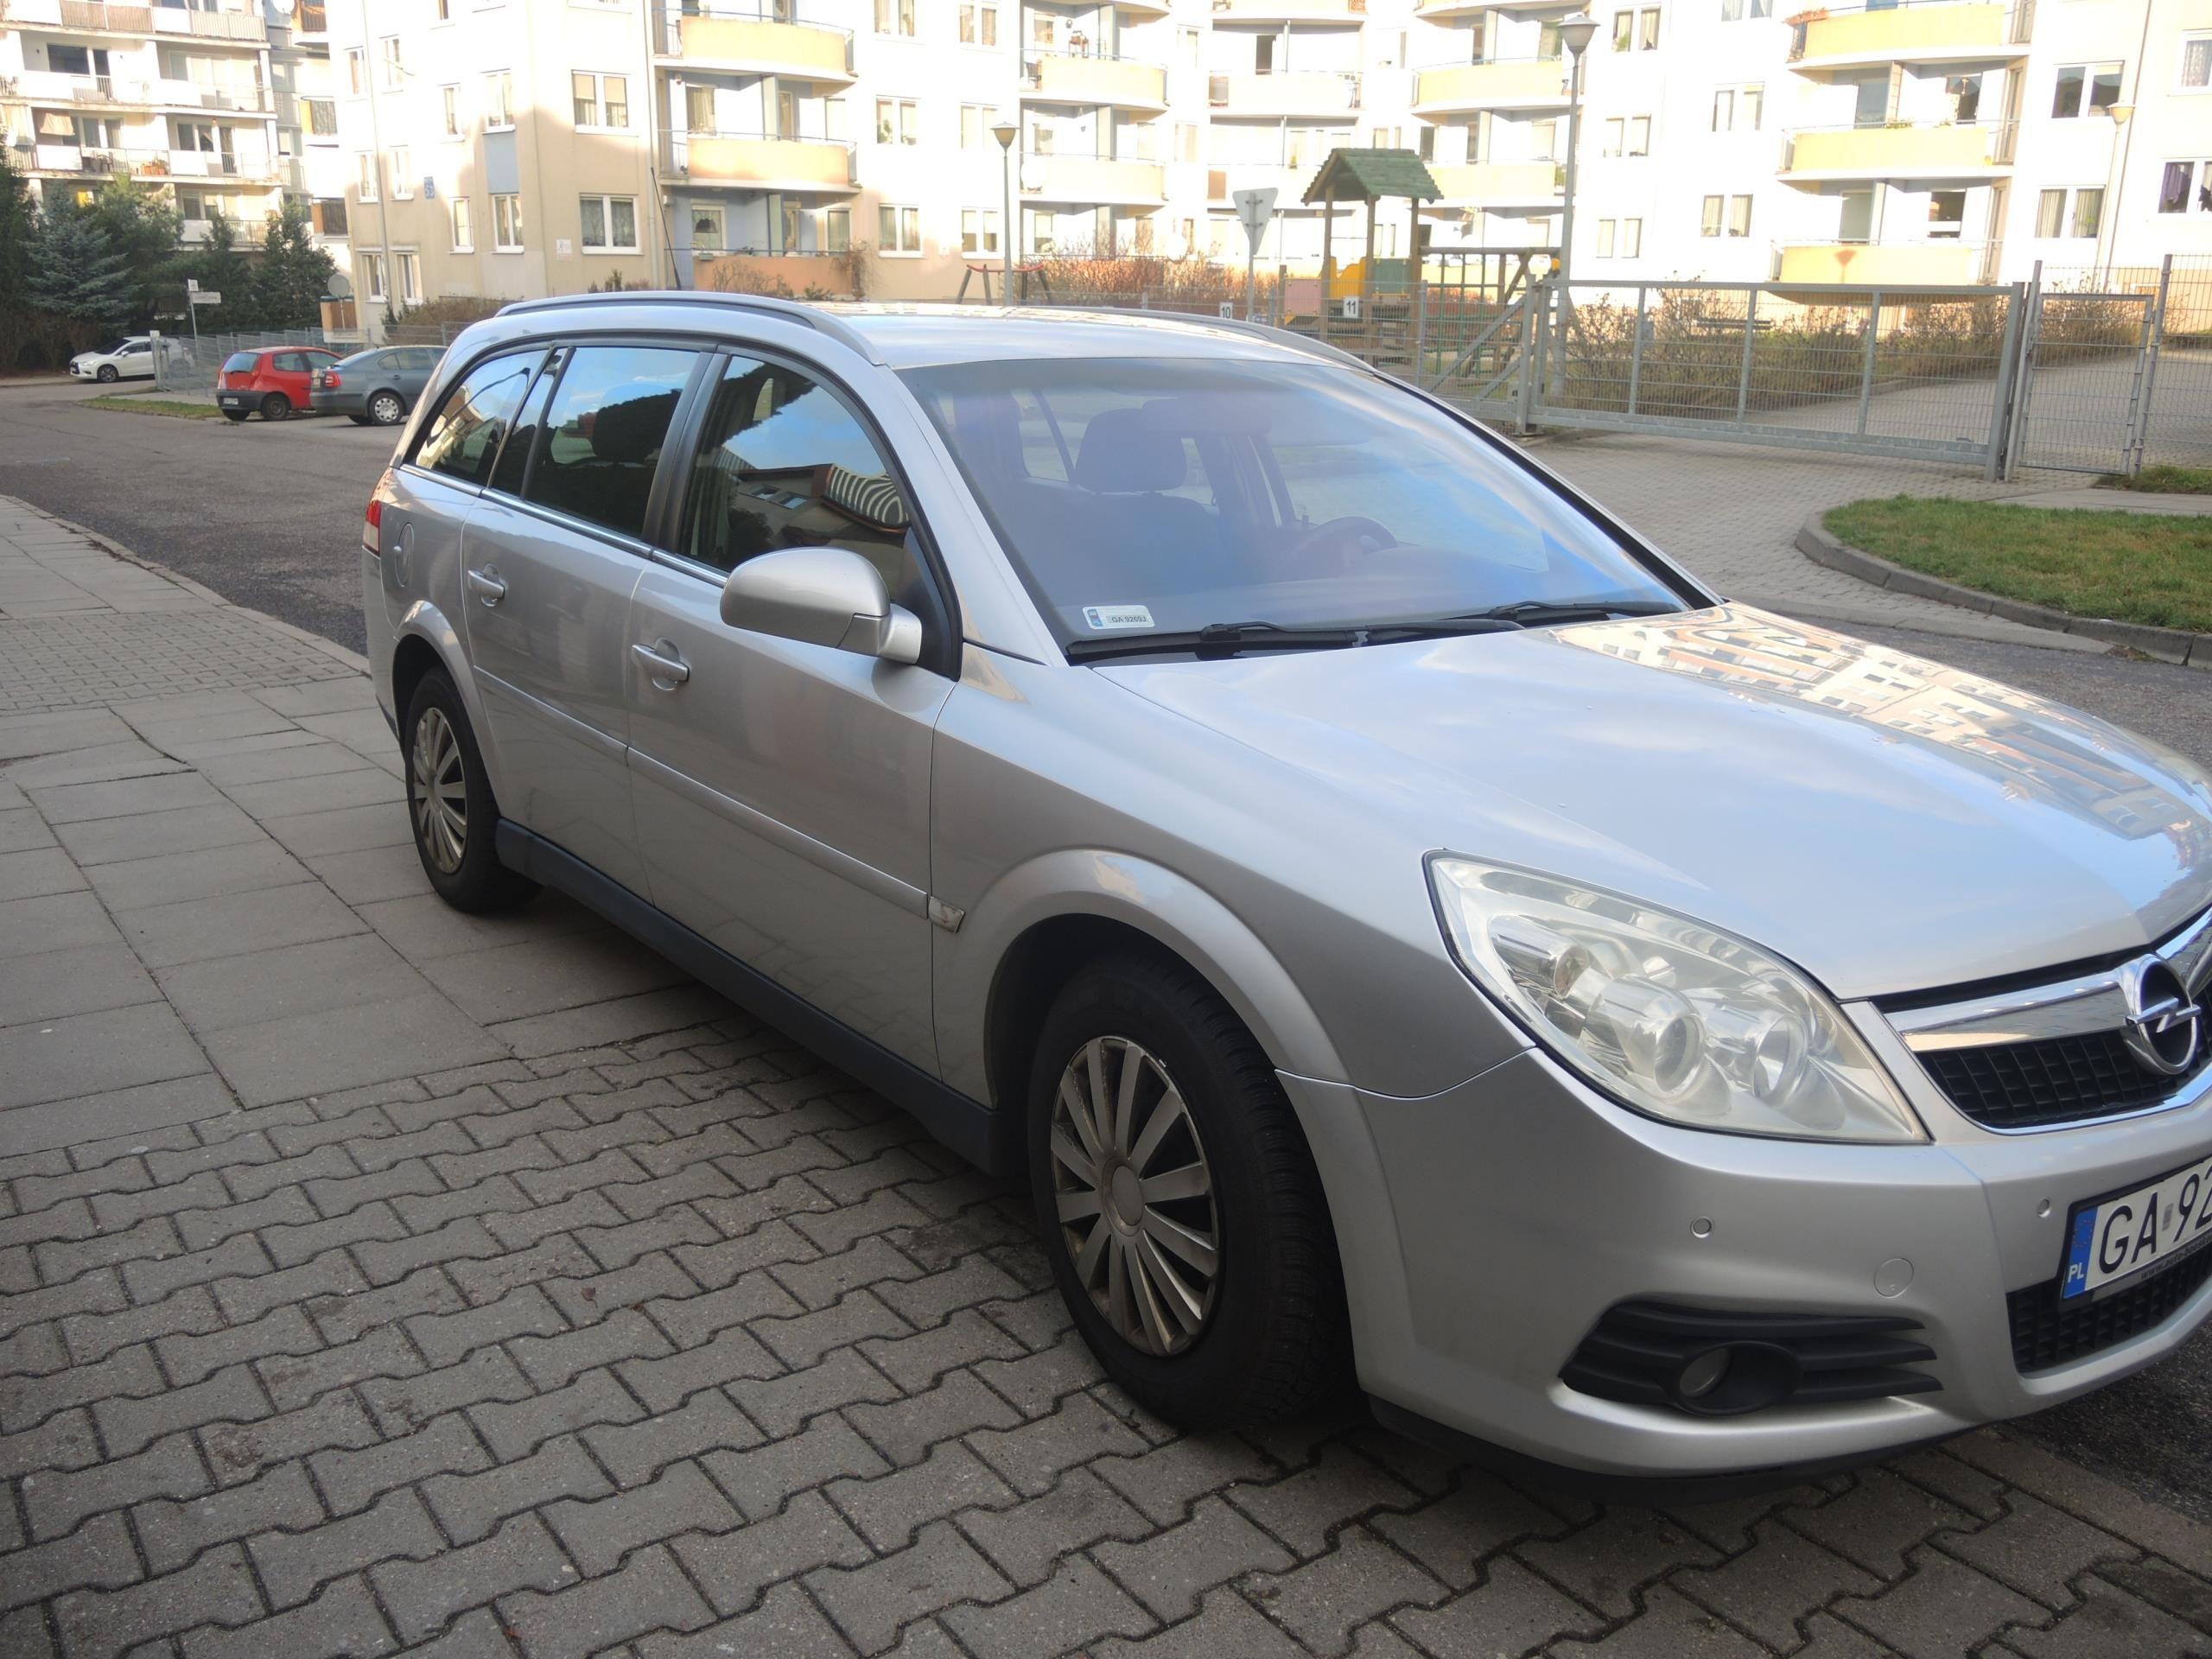 Opel Vectra C Kombi 2006 Opinie I Ceny Na Ceneo Pl